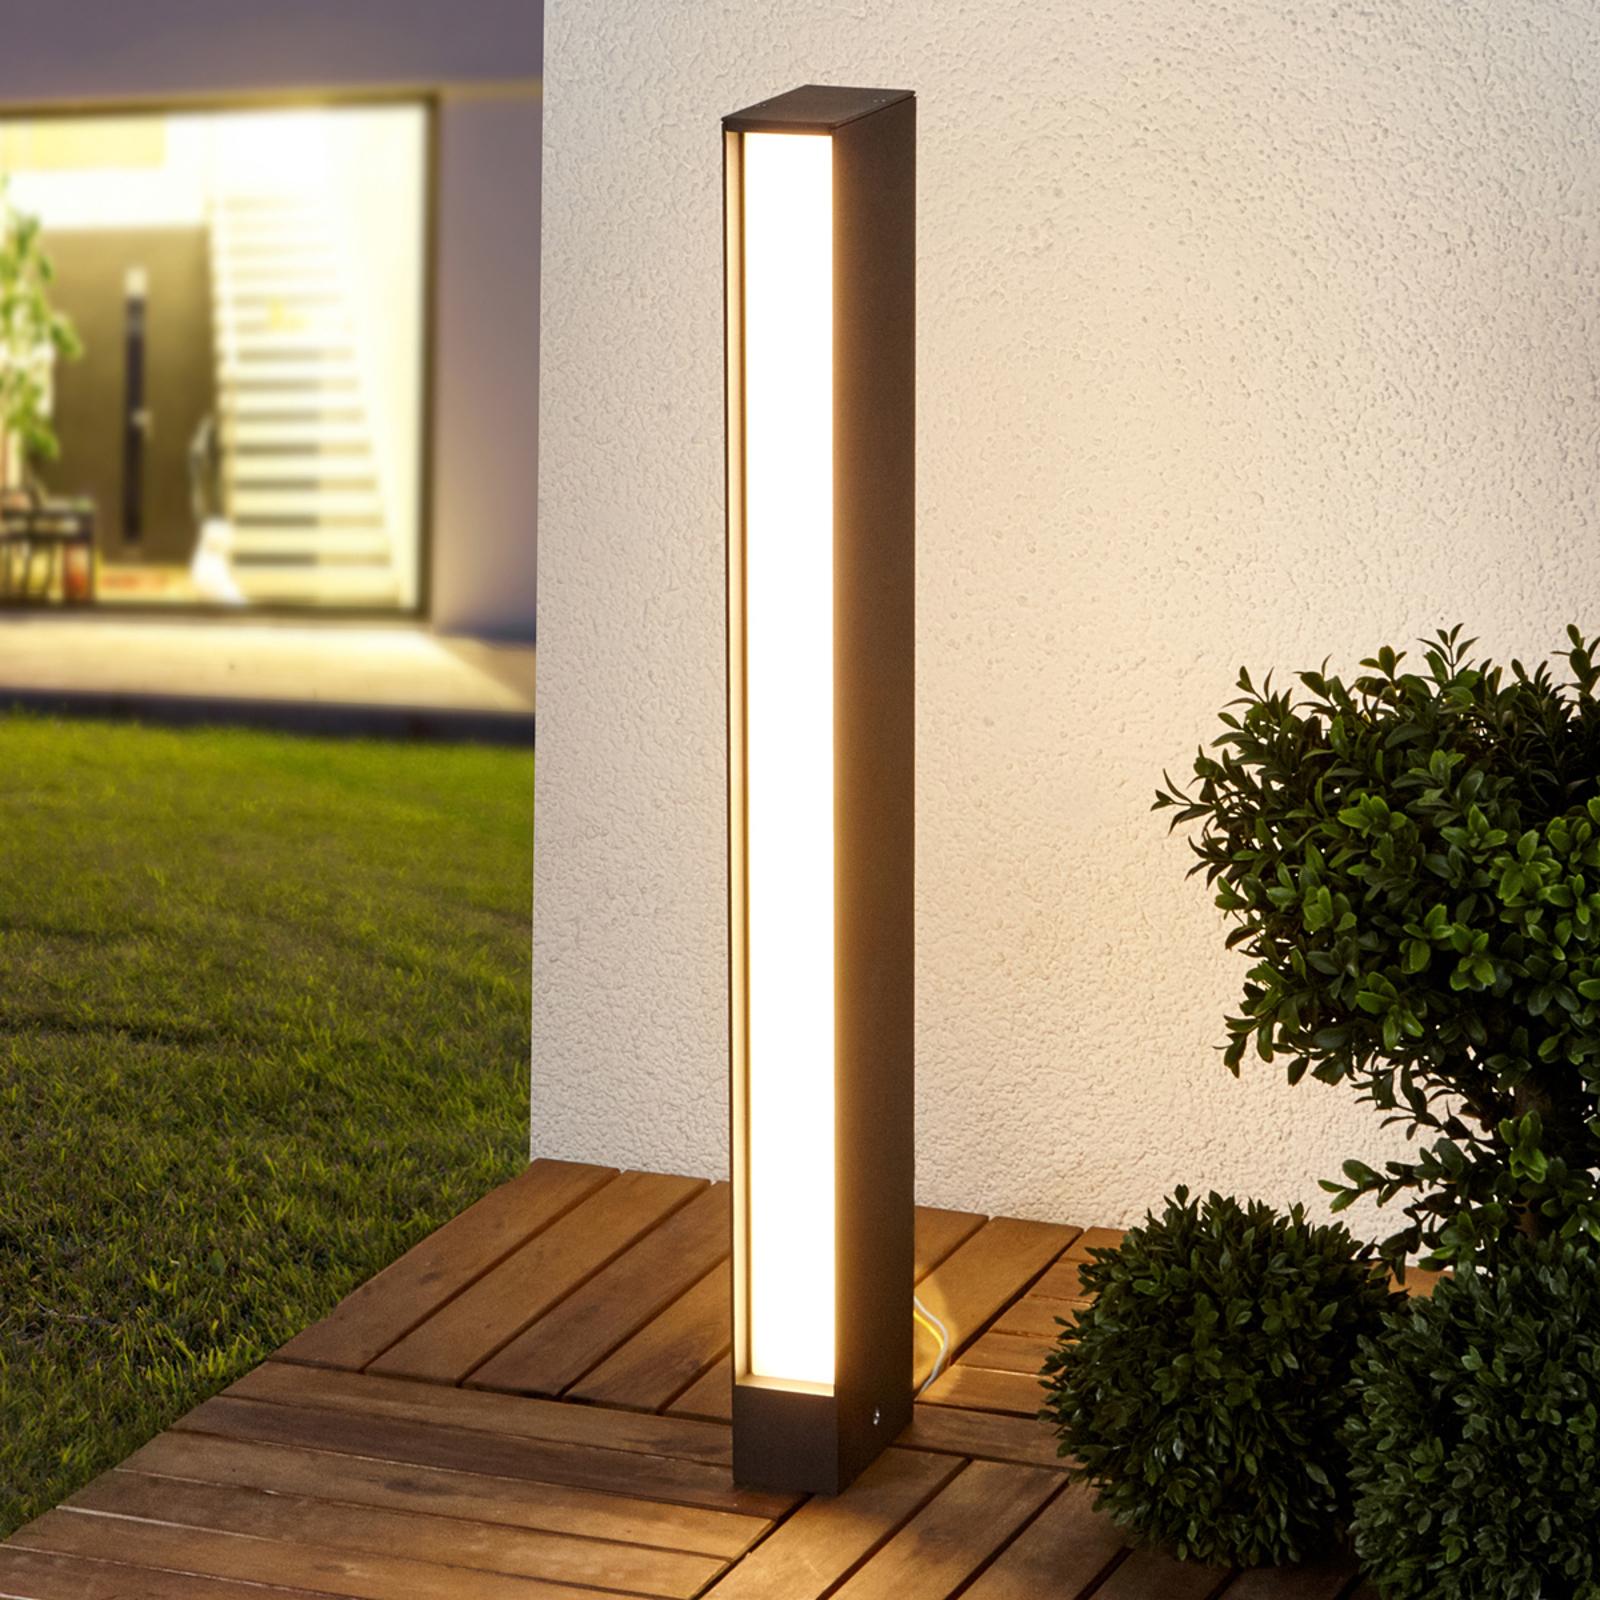 Borne lumineuse LED carrée Holly en gris graphite